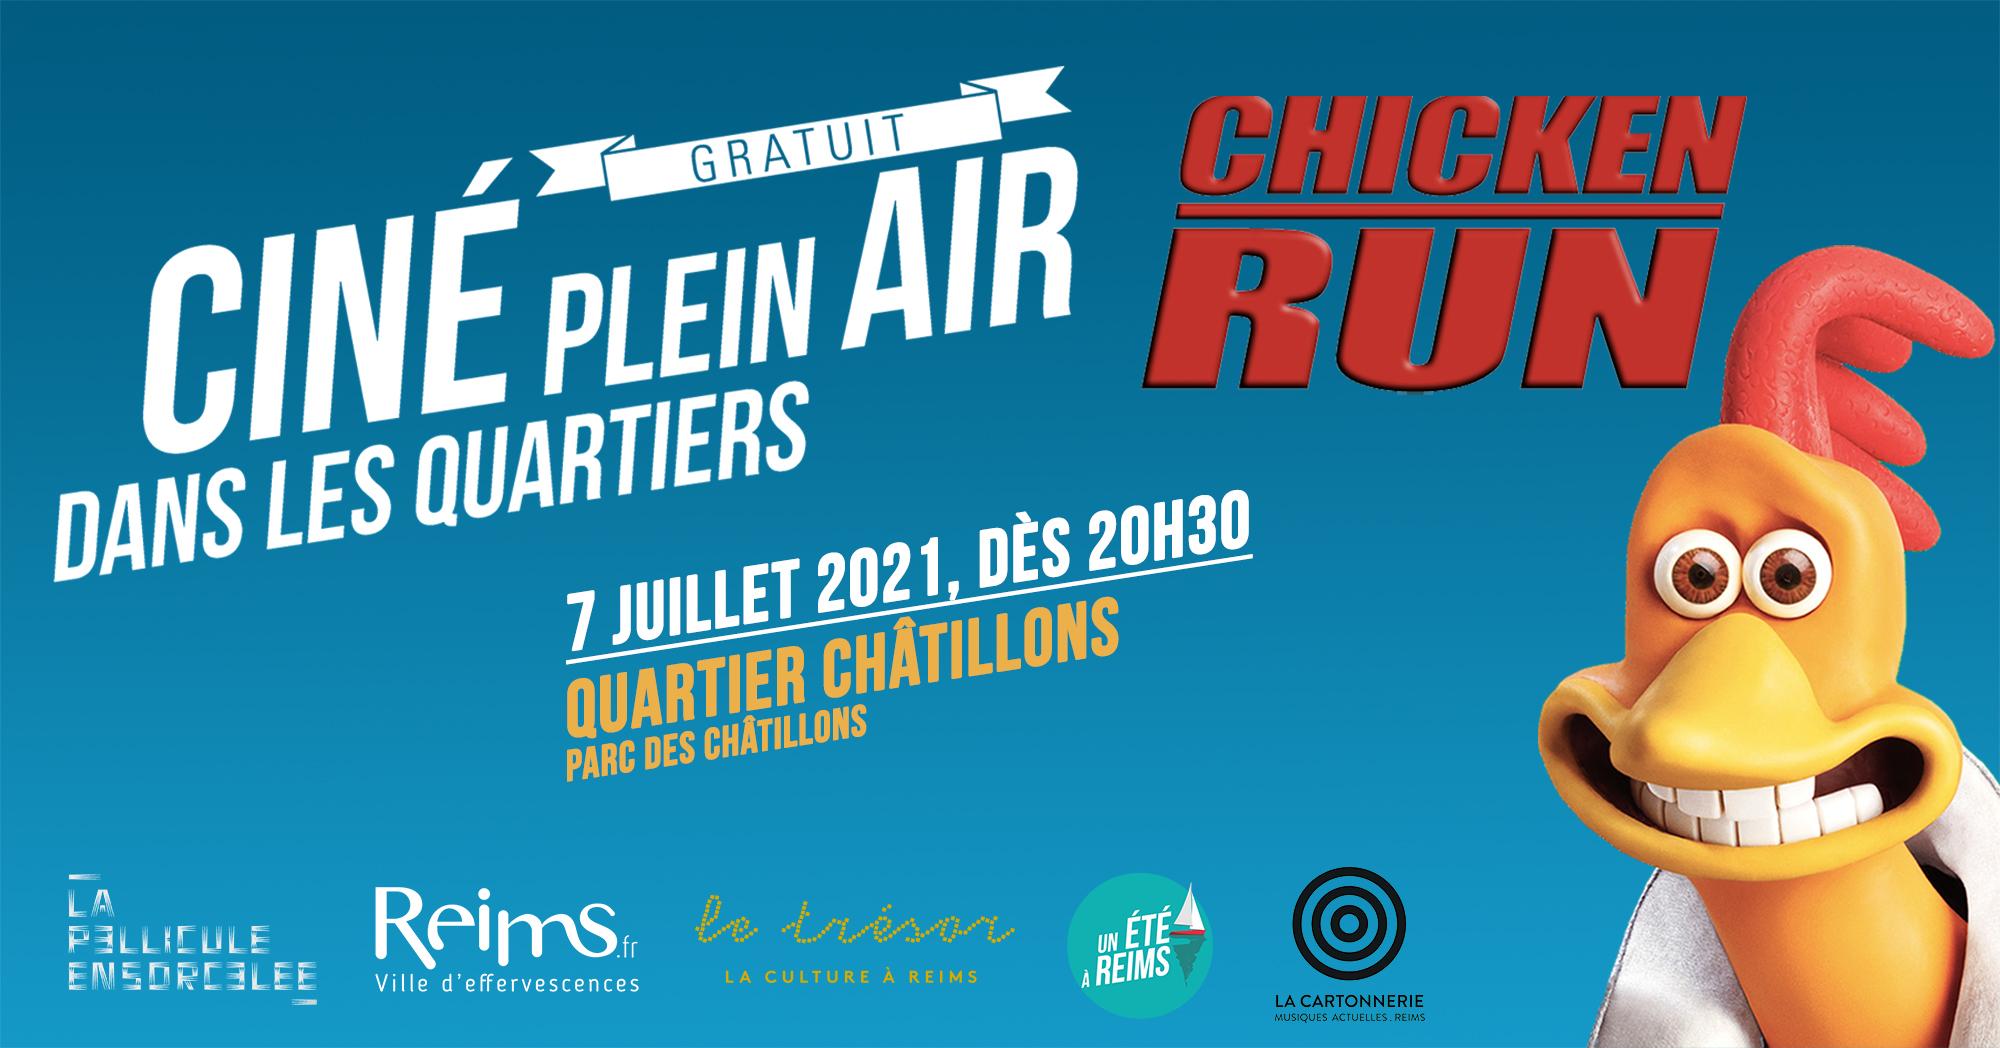 Bannière Ciné Plein Air Chicken Run